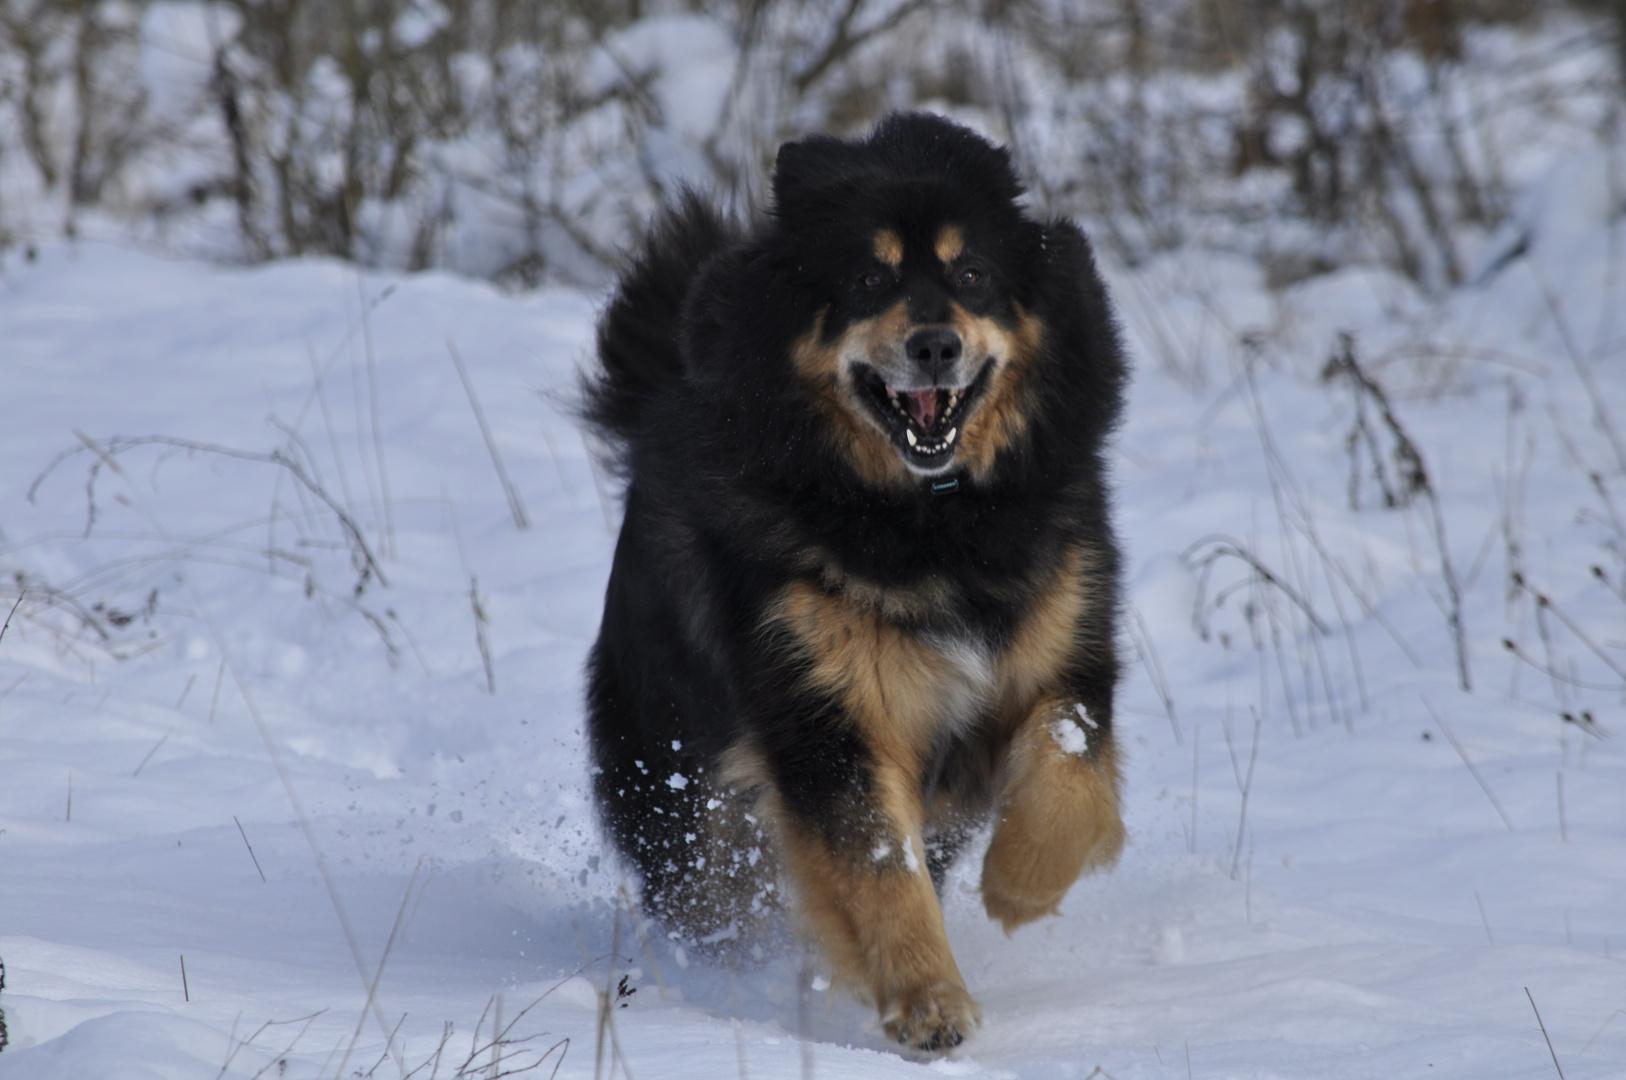 Spaß im Schnee. Ein Tibeter auf der Halde